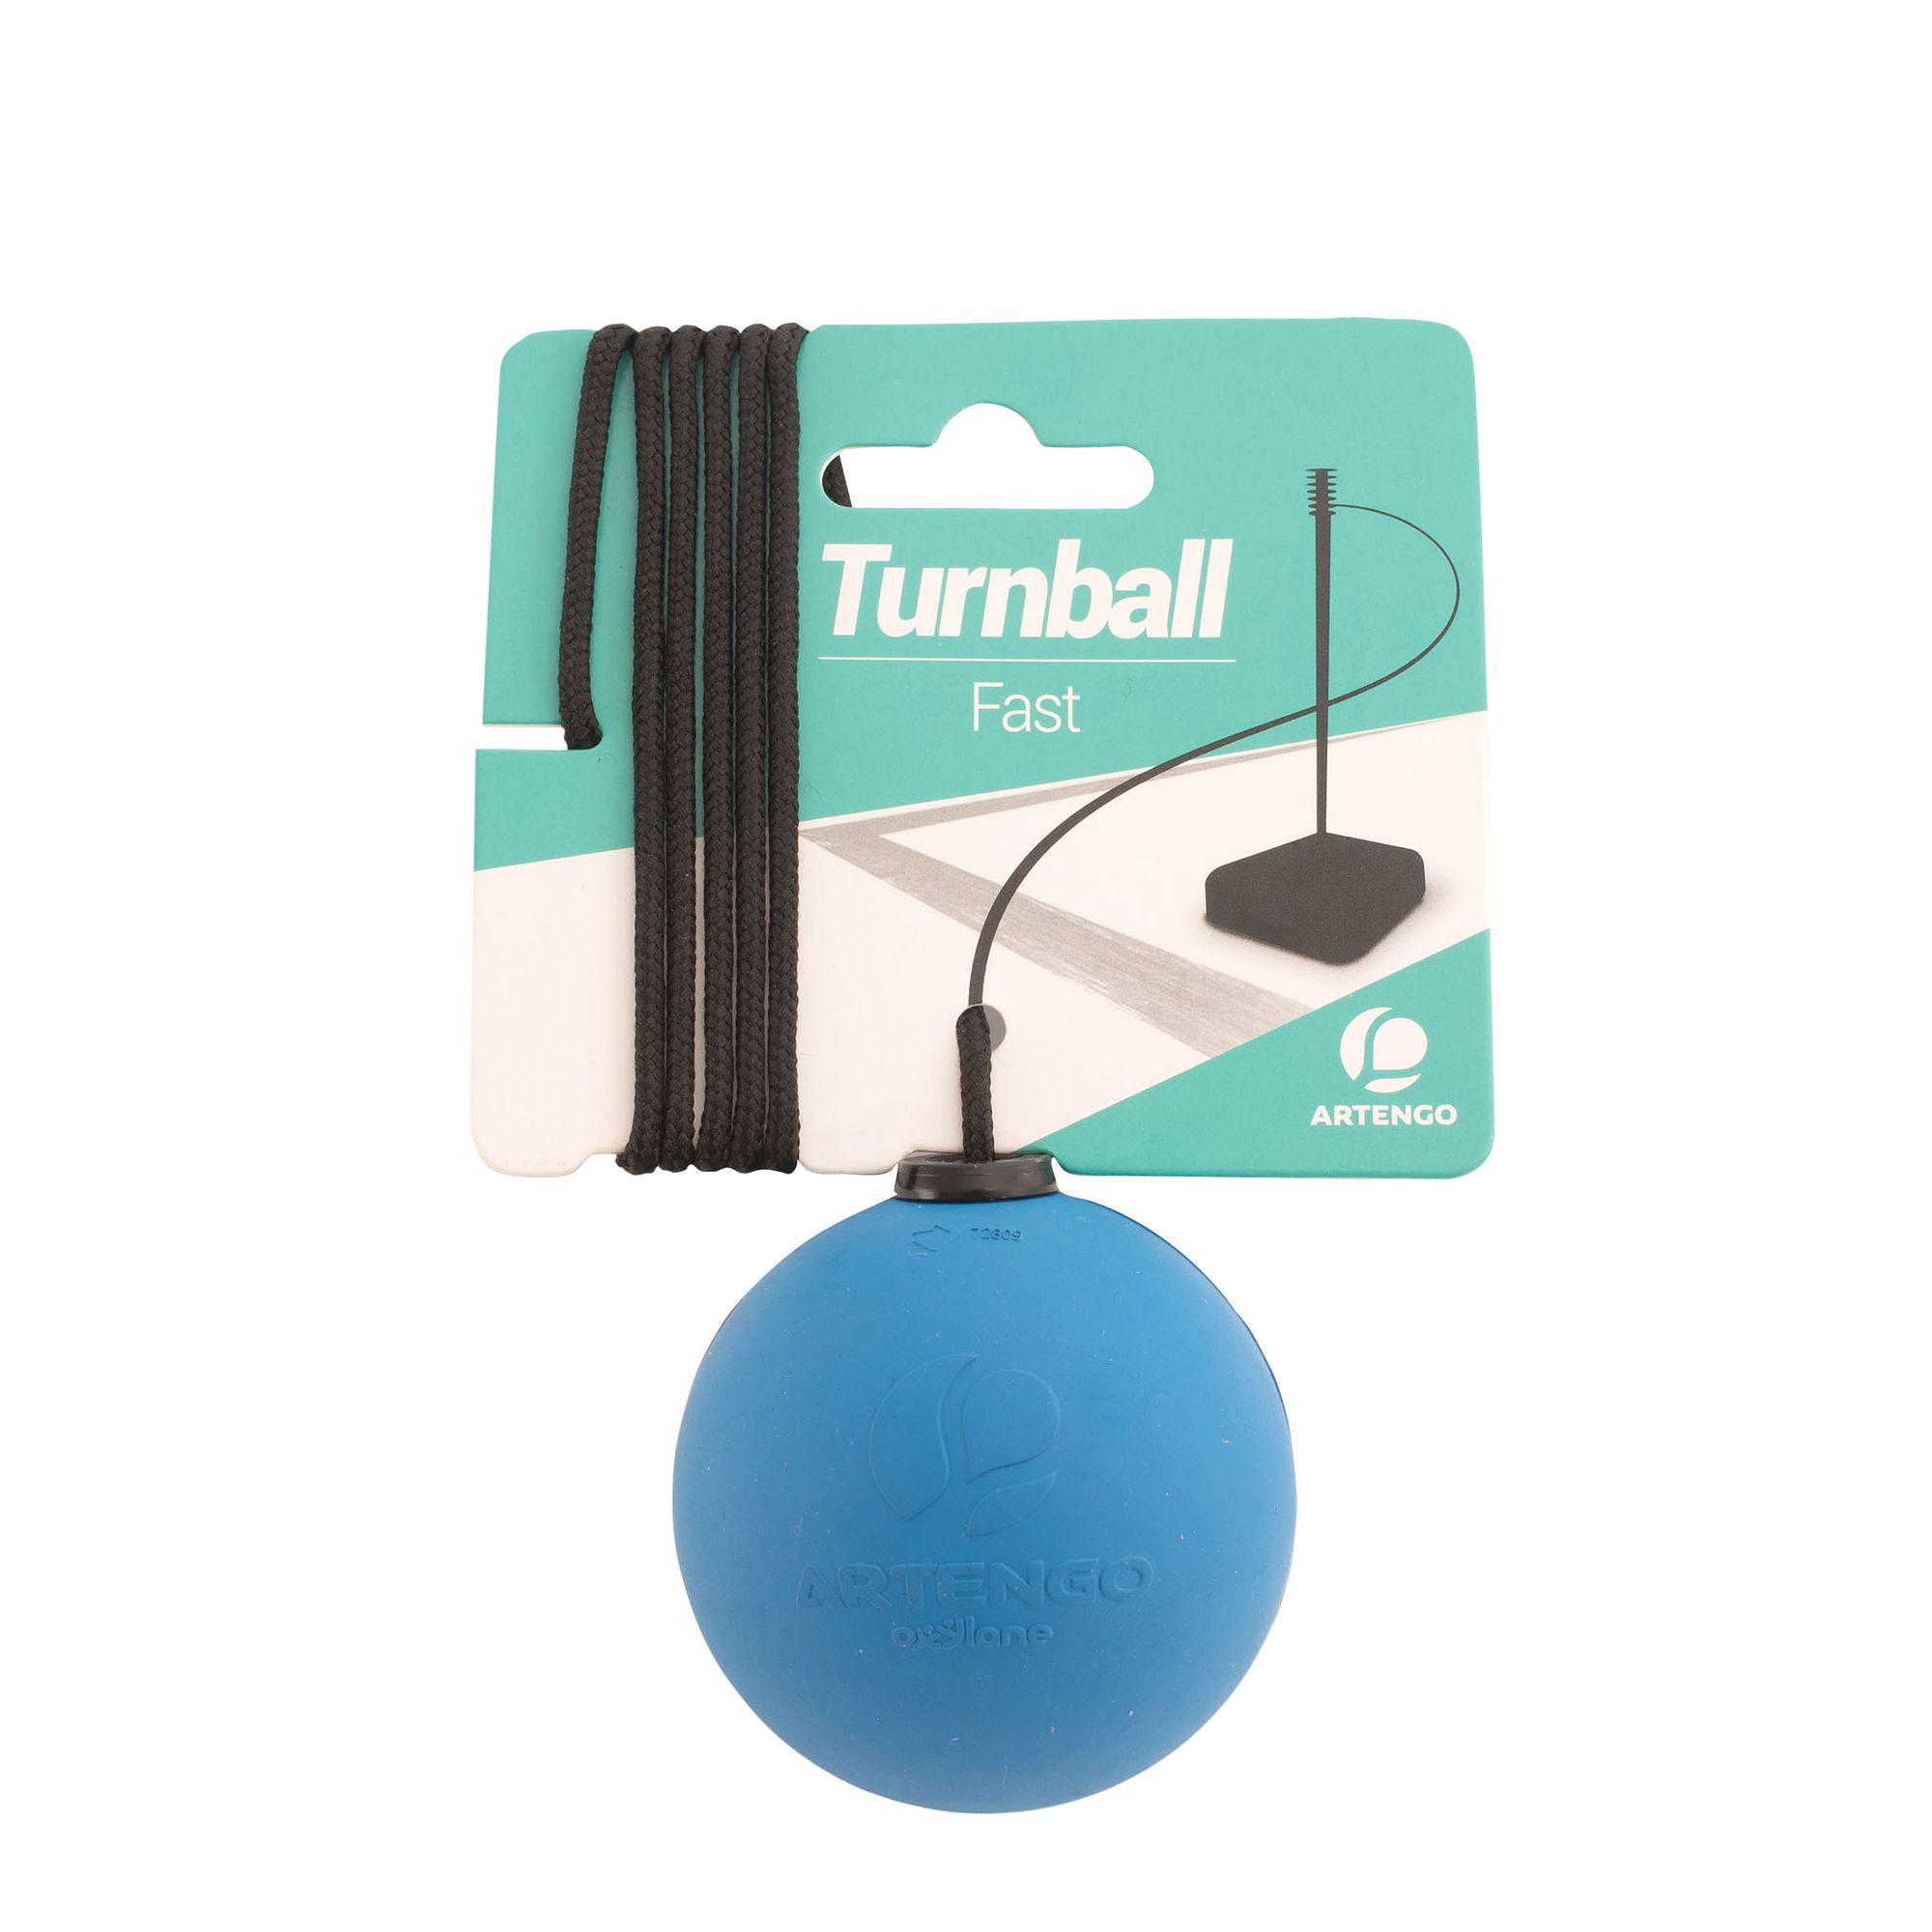 ARTENGO TURNBALL FAST BALL x1 BLEU